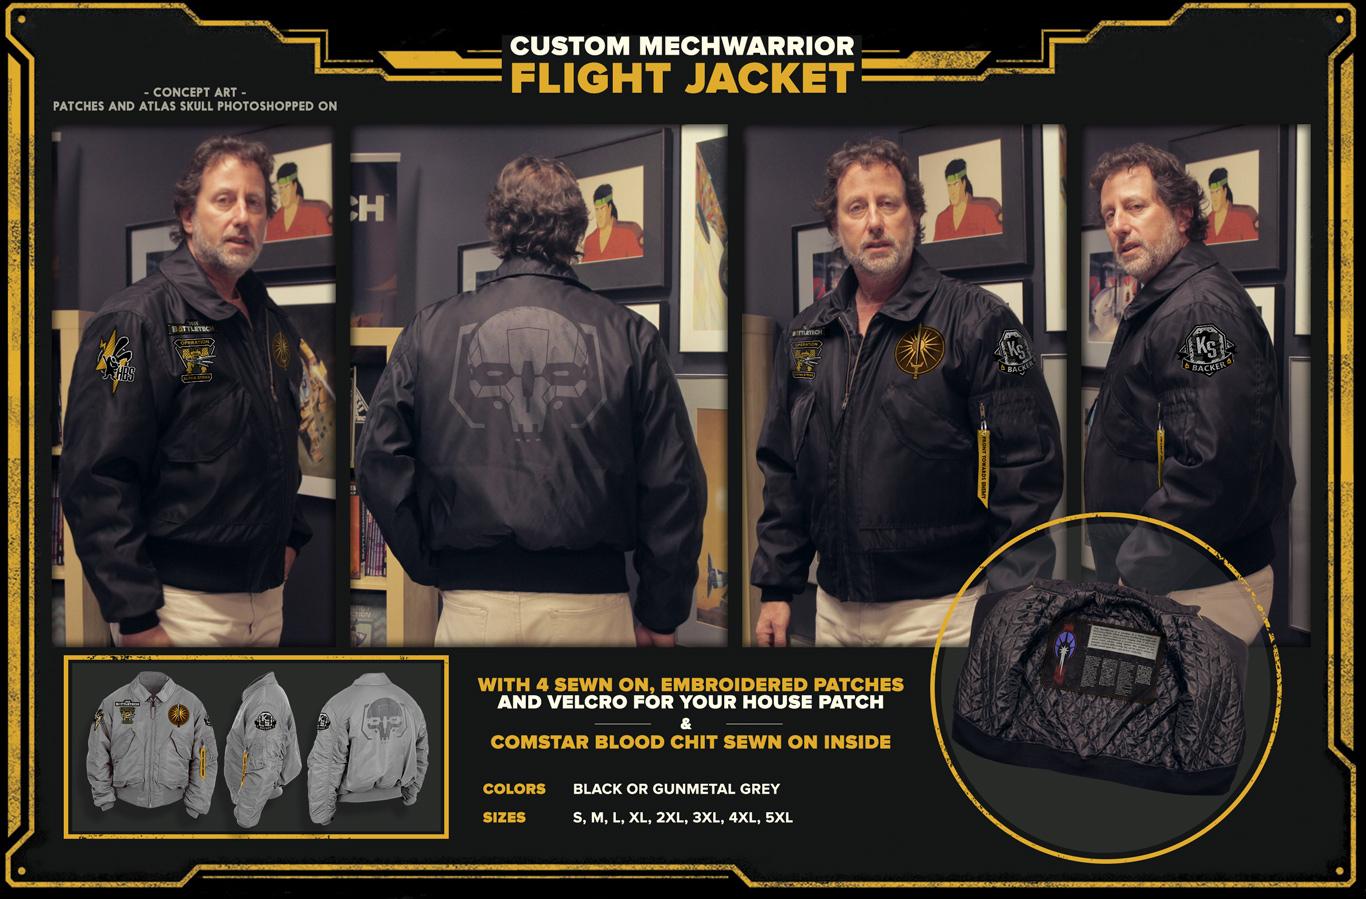 FlightJacket_Black_Large.jpg